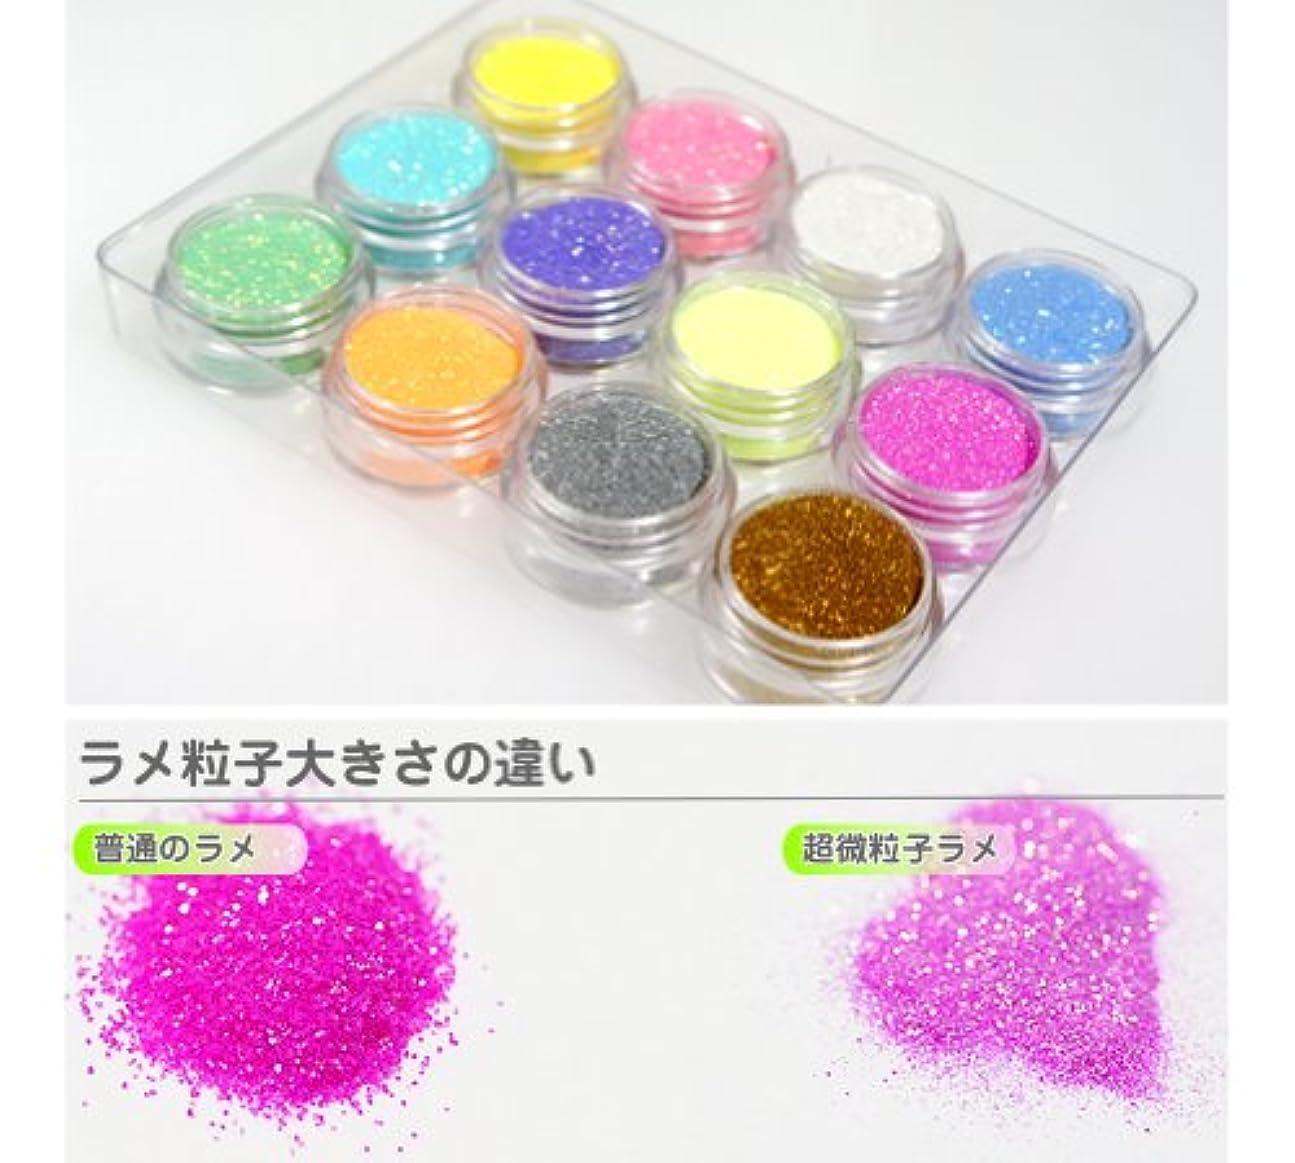 良心ブルジョンめまいがネオコレクションオリジナル☆超微粒子ラメパウダー0.1mm、砂のようにサラサラで抜群の発色 ジェルネイルアートに!